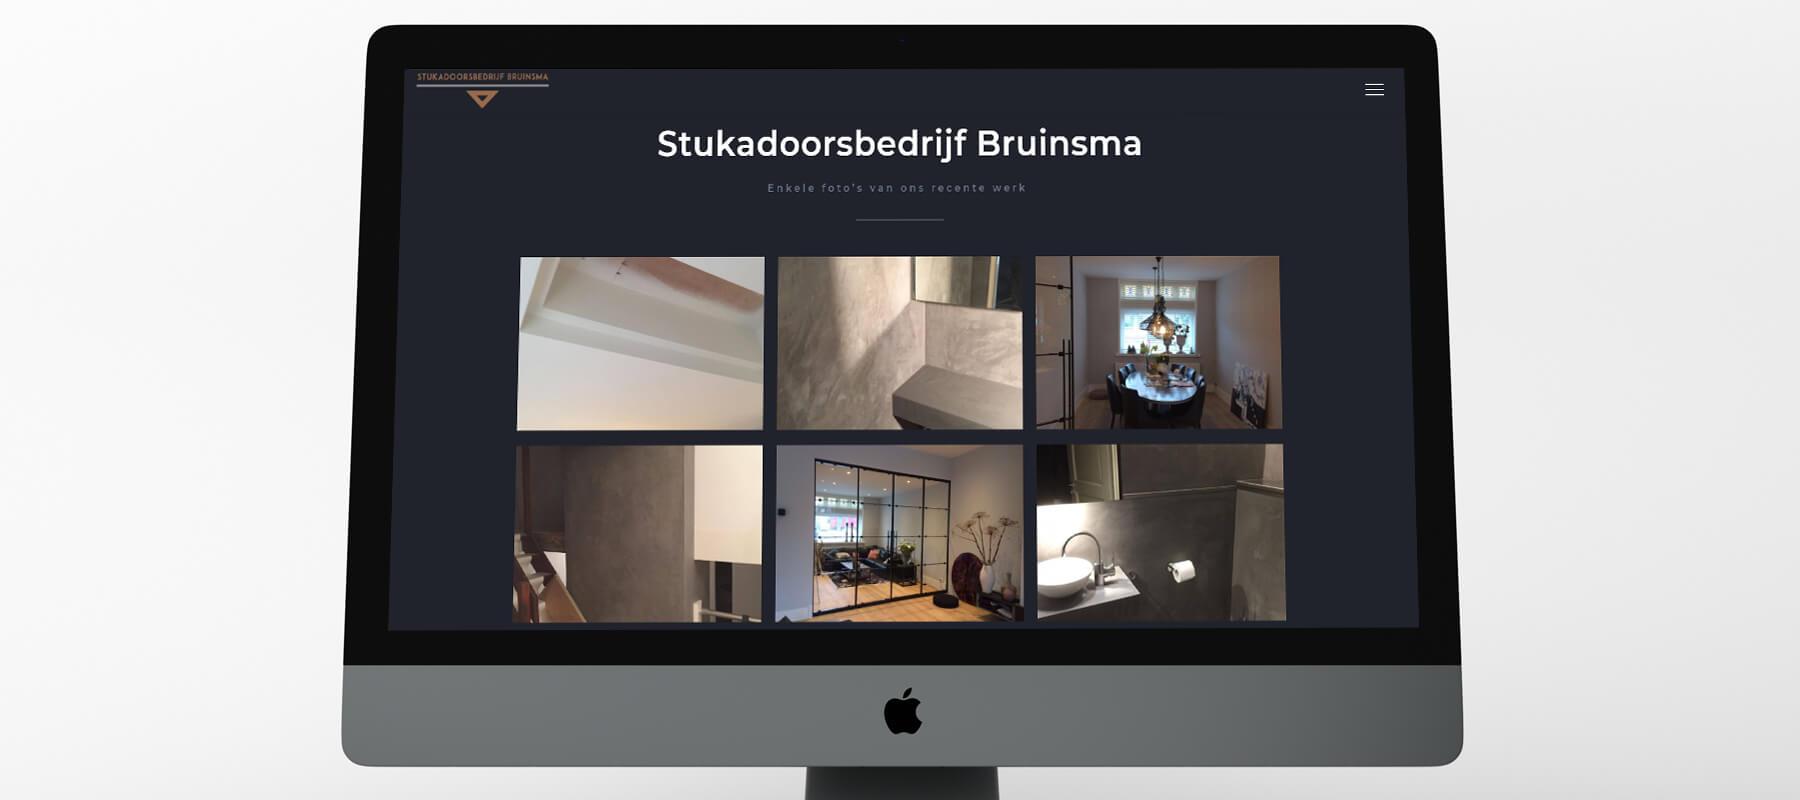 Klant Stukadoorsbedrijf Bruinsma - foto's